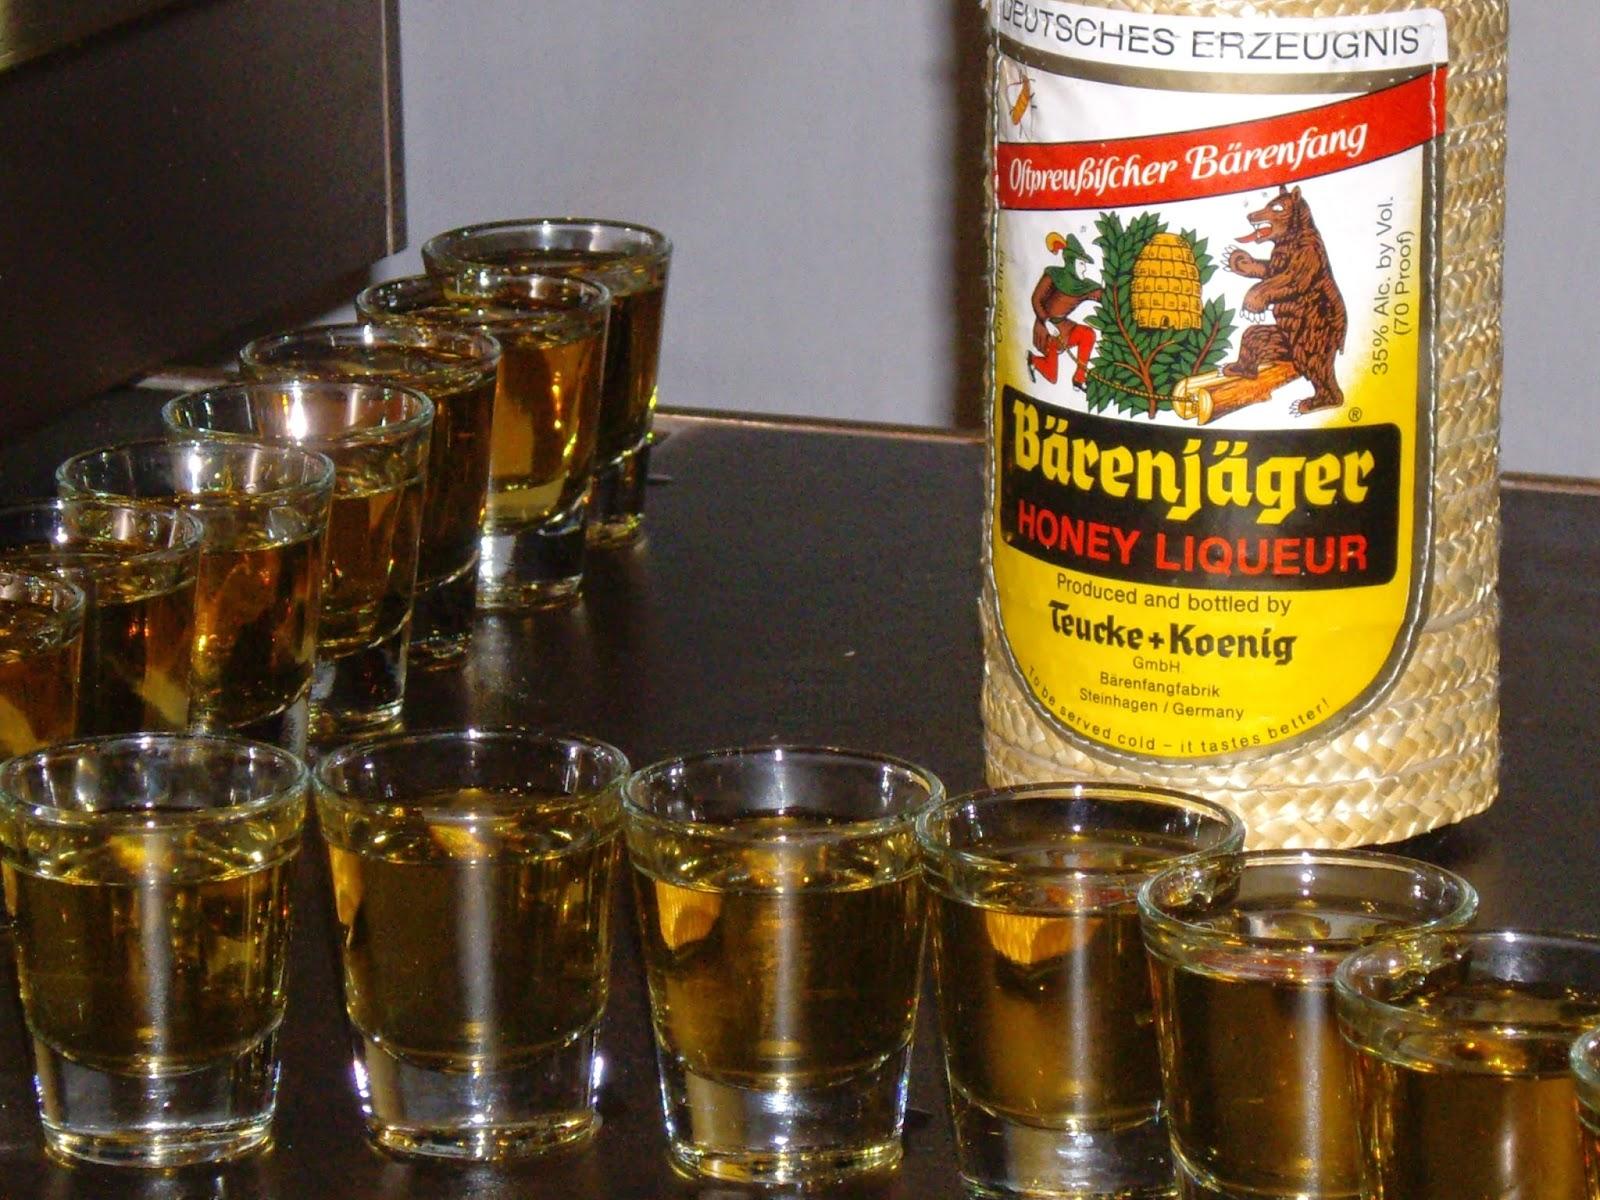 фото медового ликера беренфаг